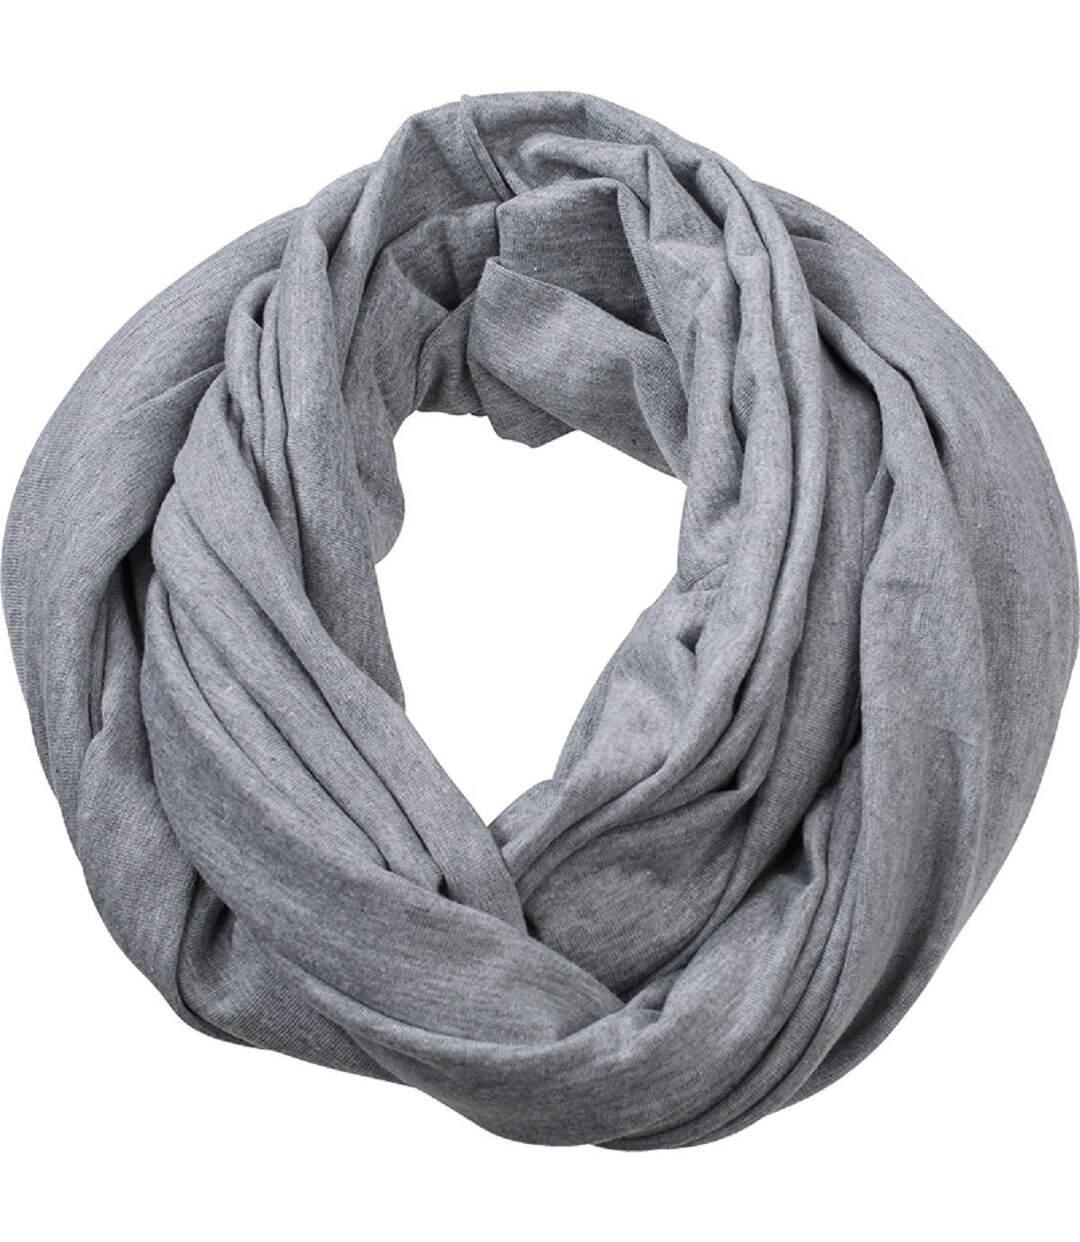 Echarpe - Tour de cou adulte - MB6578 - gris clair mélange